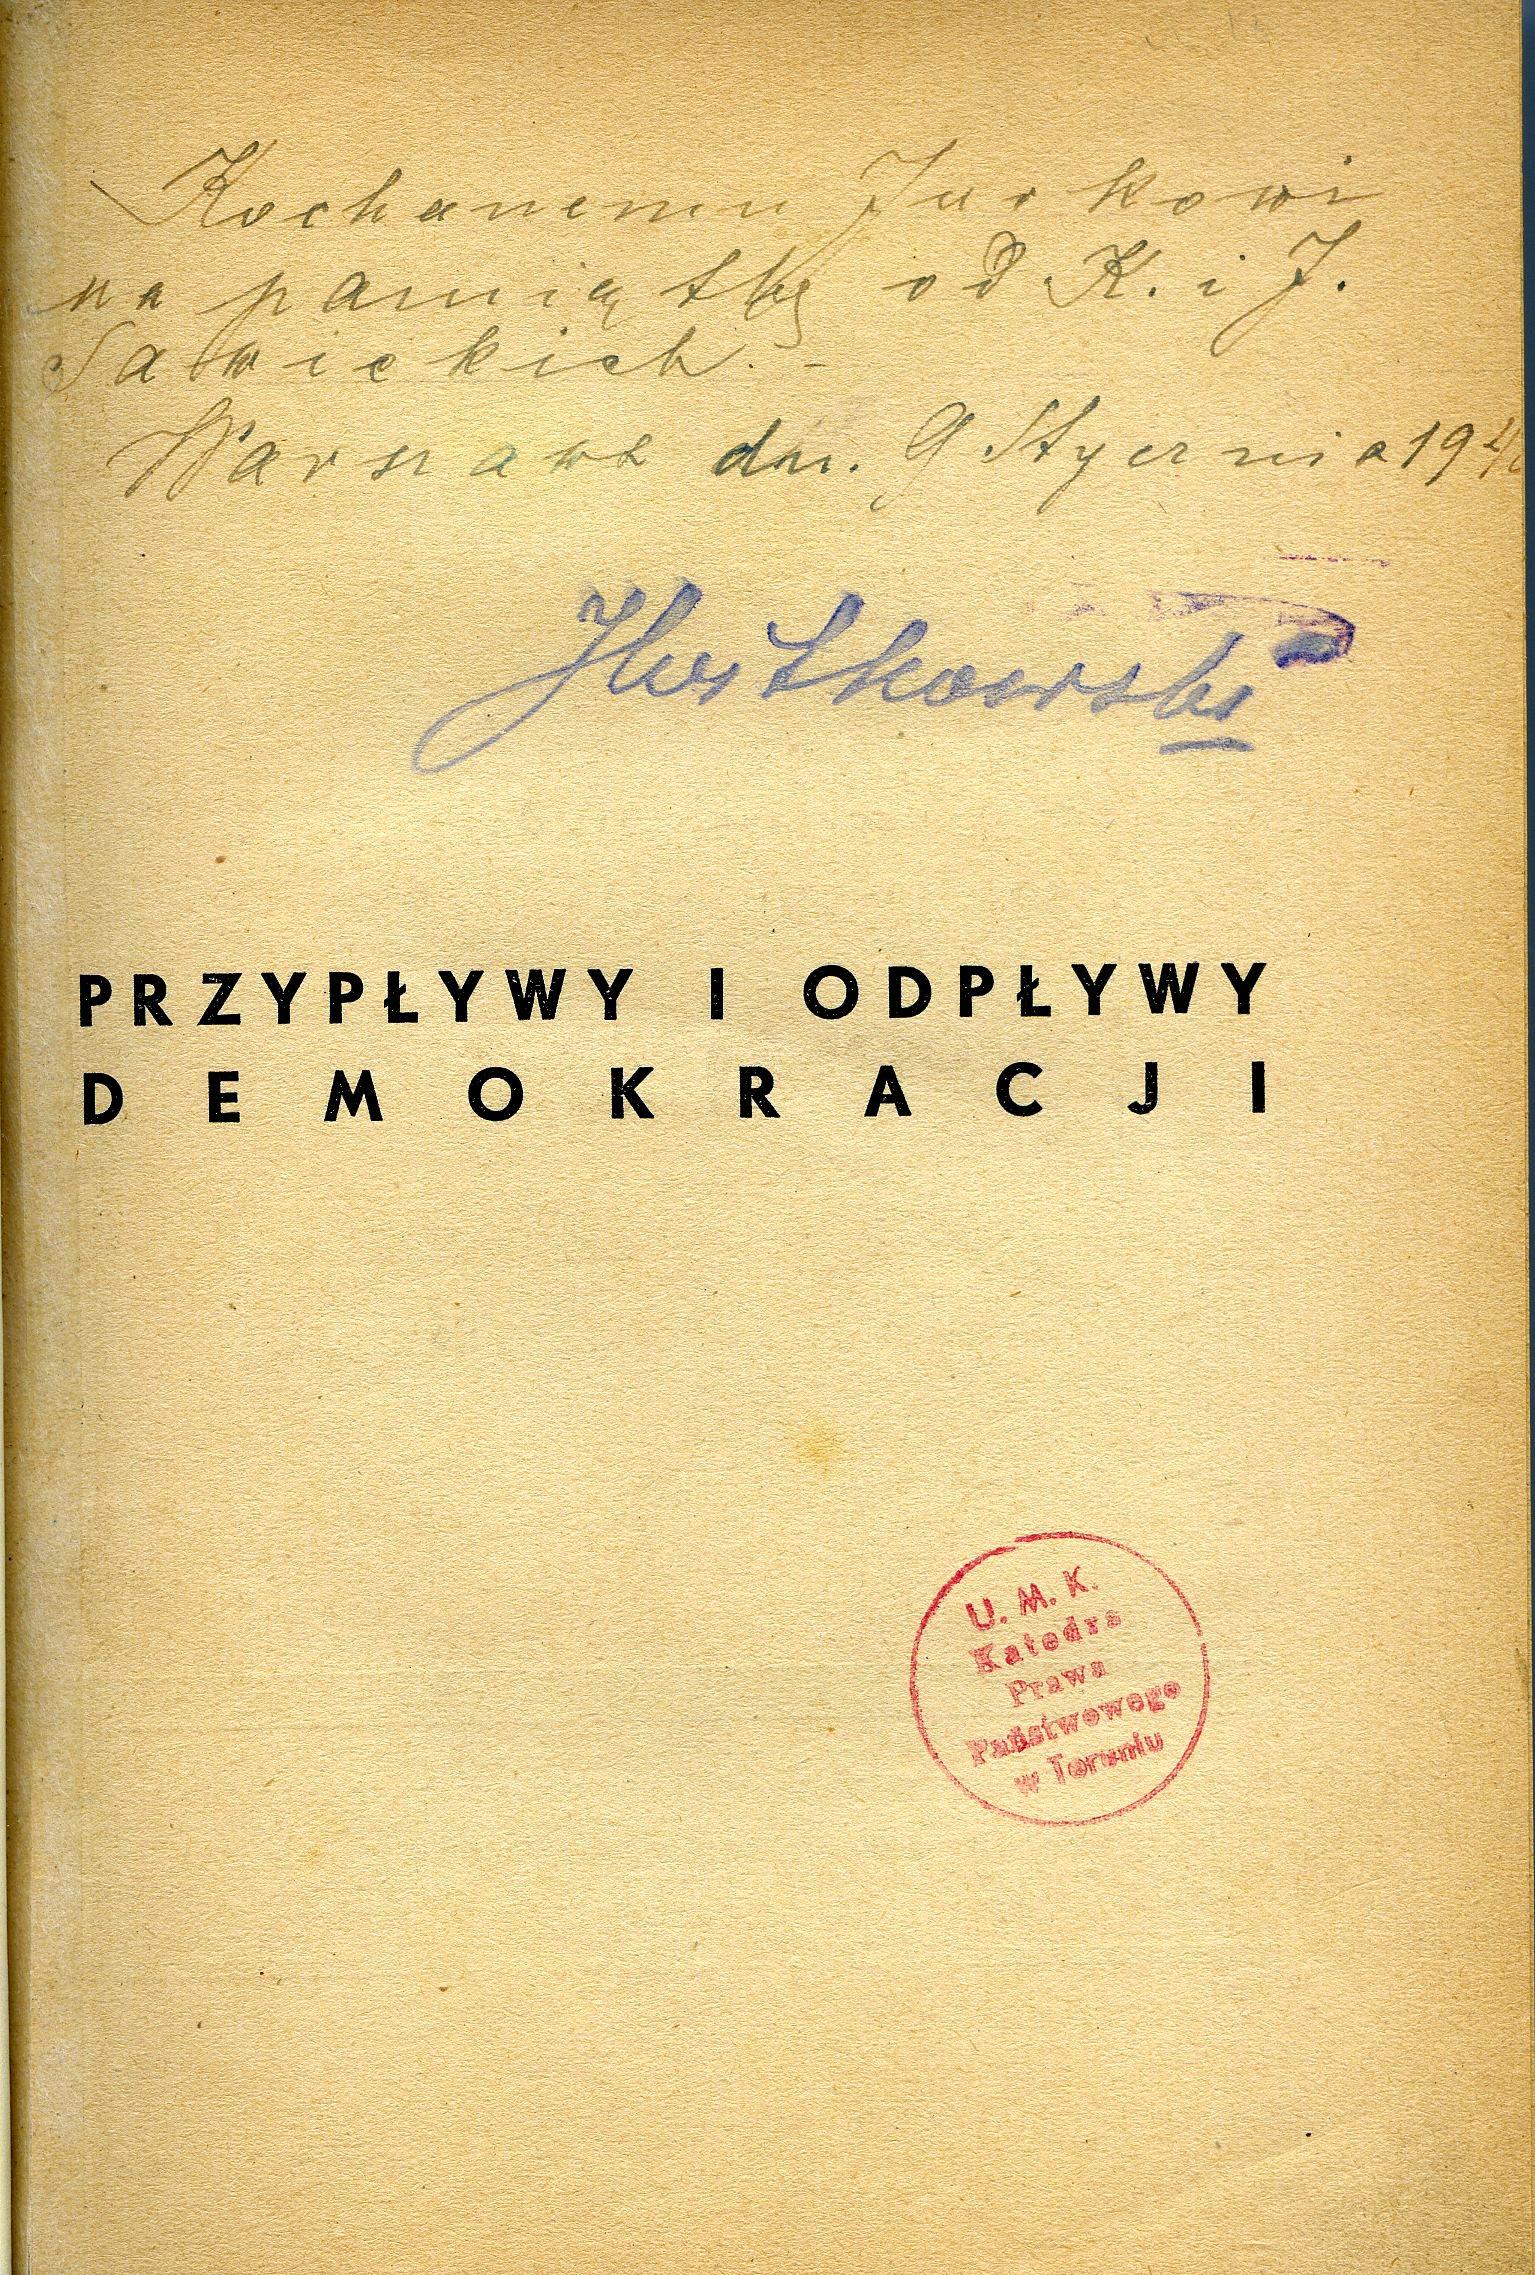 """<div class='inner-box'><div class='close-desc'></div><span class='opis'>Dedykacja: Aleksander Trzaska-Chrząszczewski dla Jerzego Giedroycia. """"Przypływy i odpływy demokracji"""", Wyd. Polityka 1939.</span><div class='clearfix'></div><span>Sygn. dedyk047b</span><div class='clearfix'></div><span>© Instytut Literacki</span></div>"""